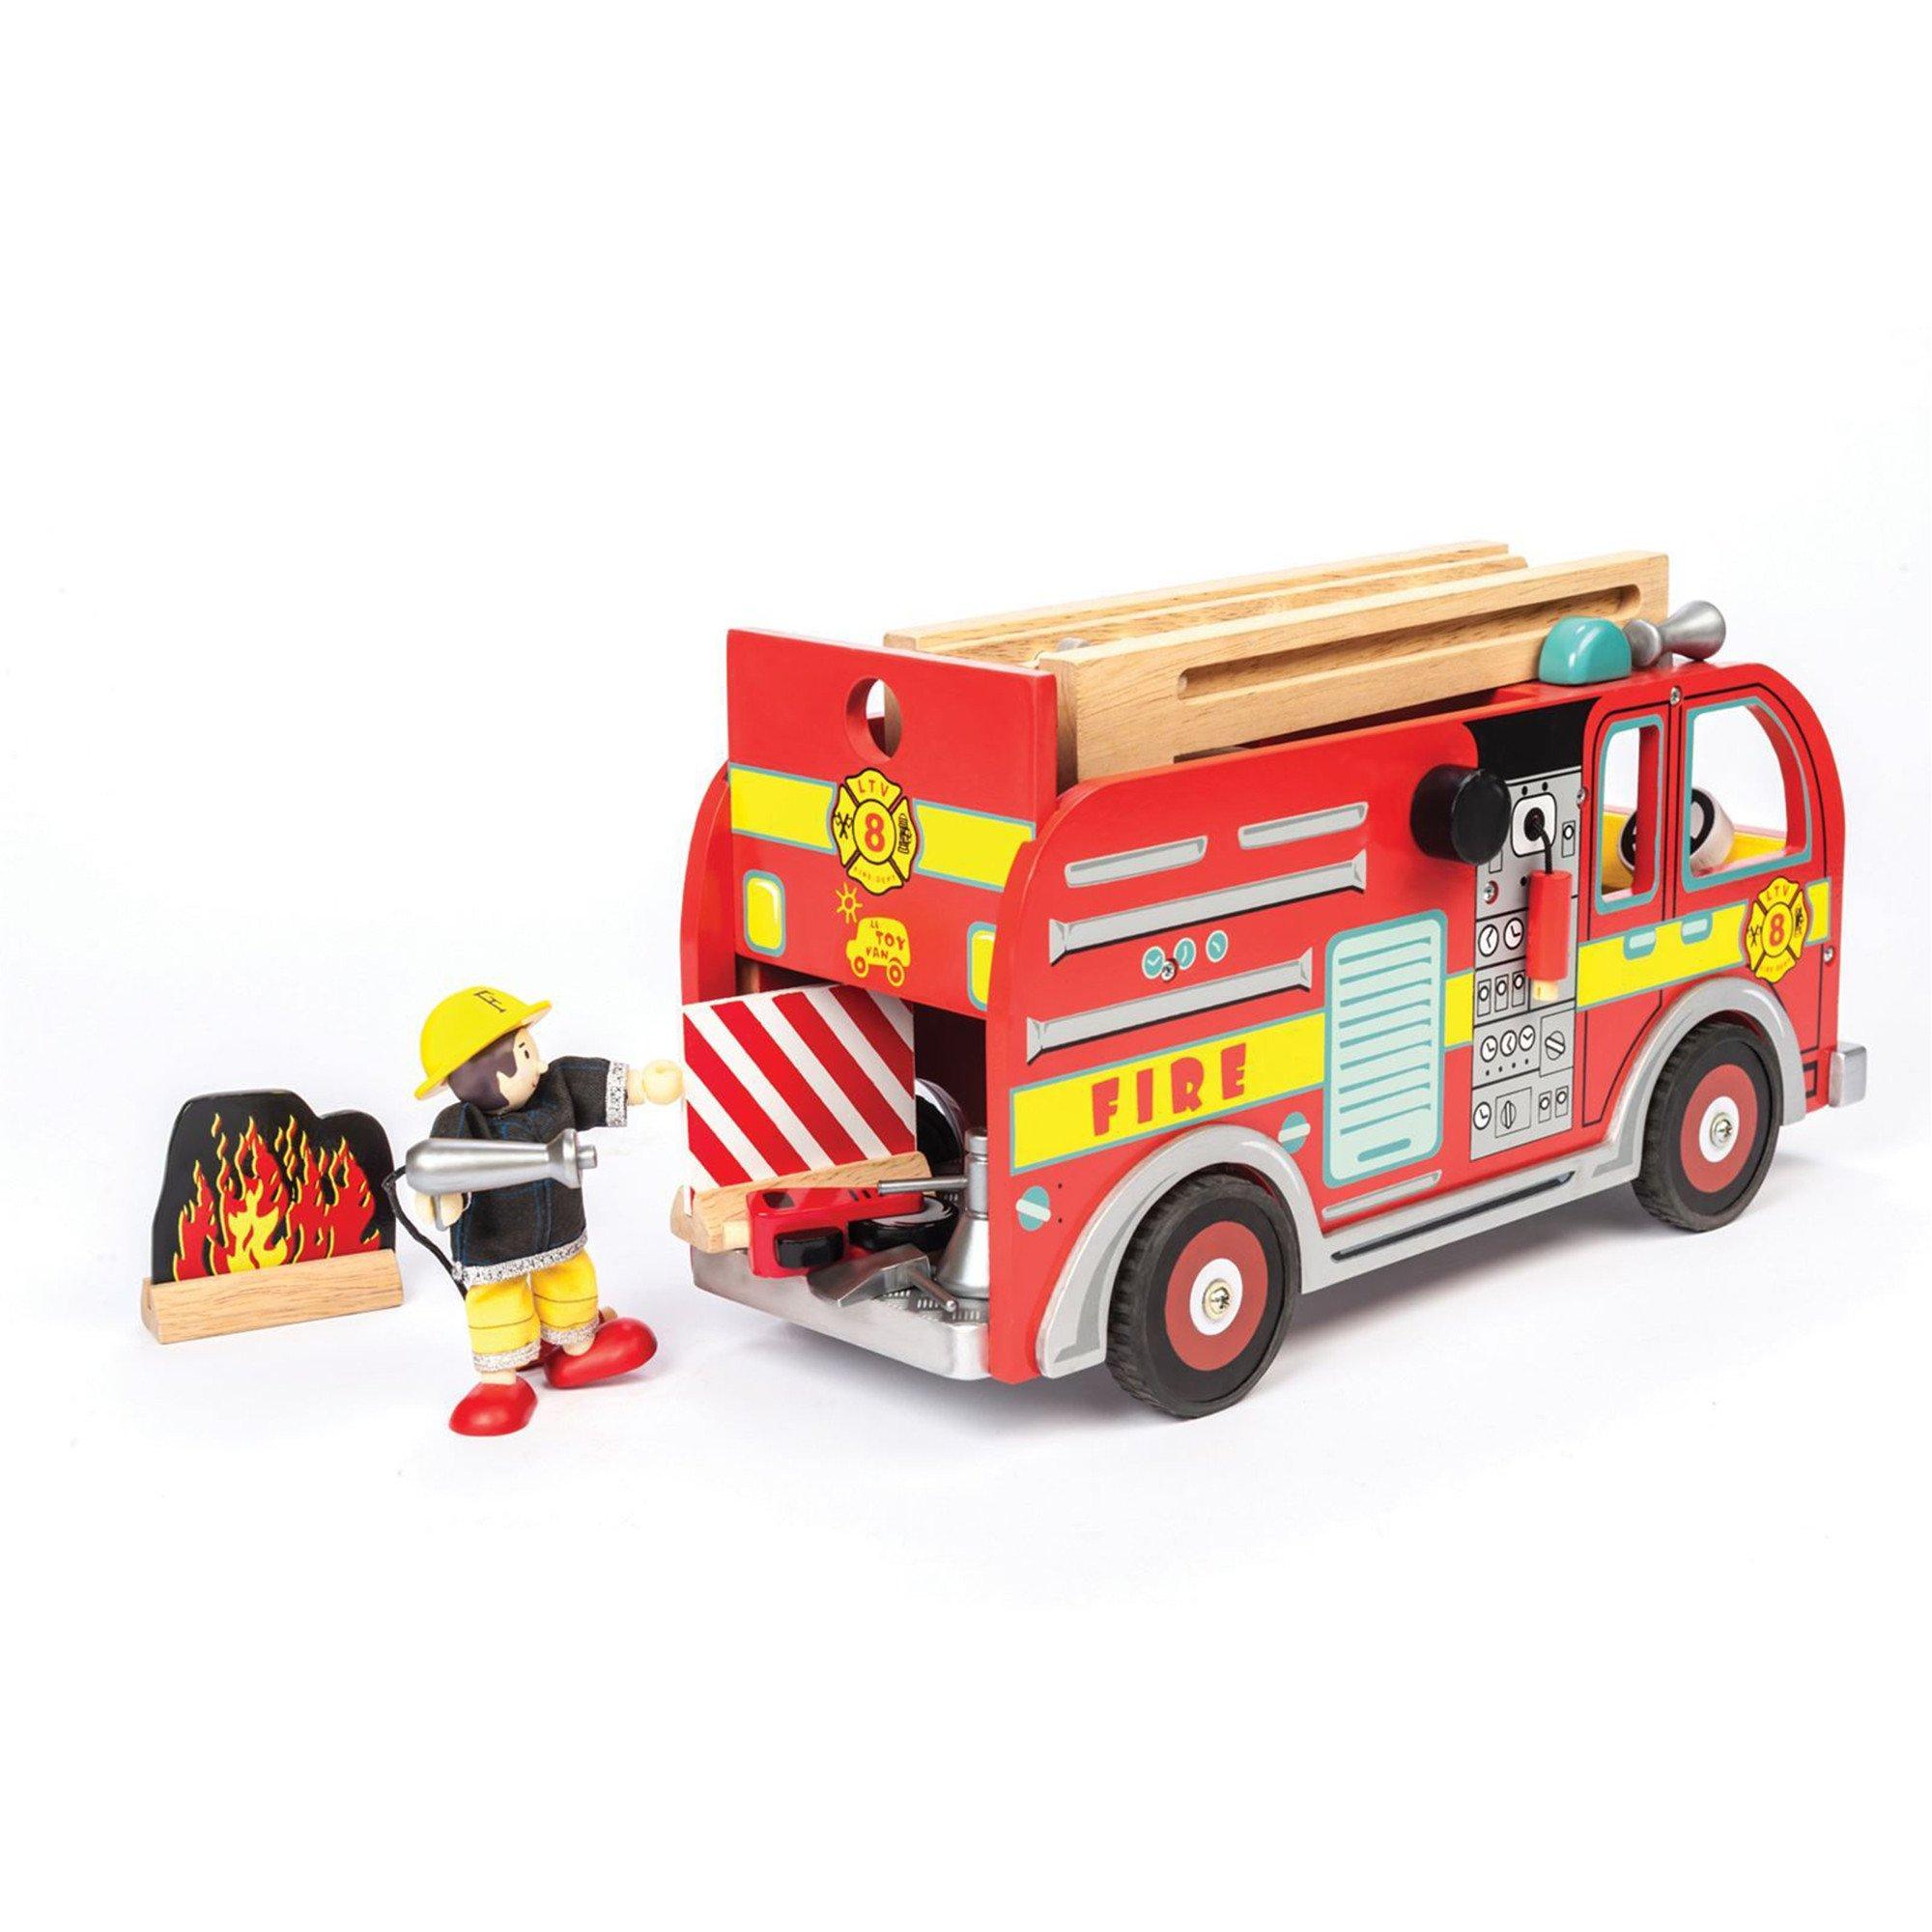 Le Toy Van Fire Engine Set - Little Earth Nest